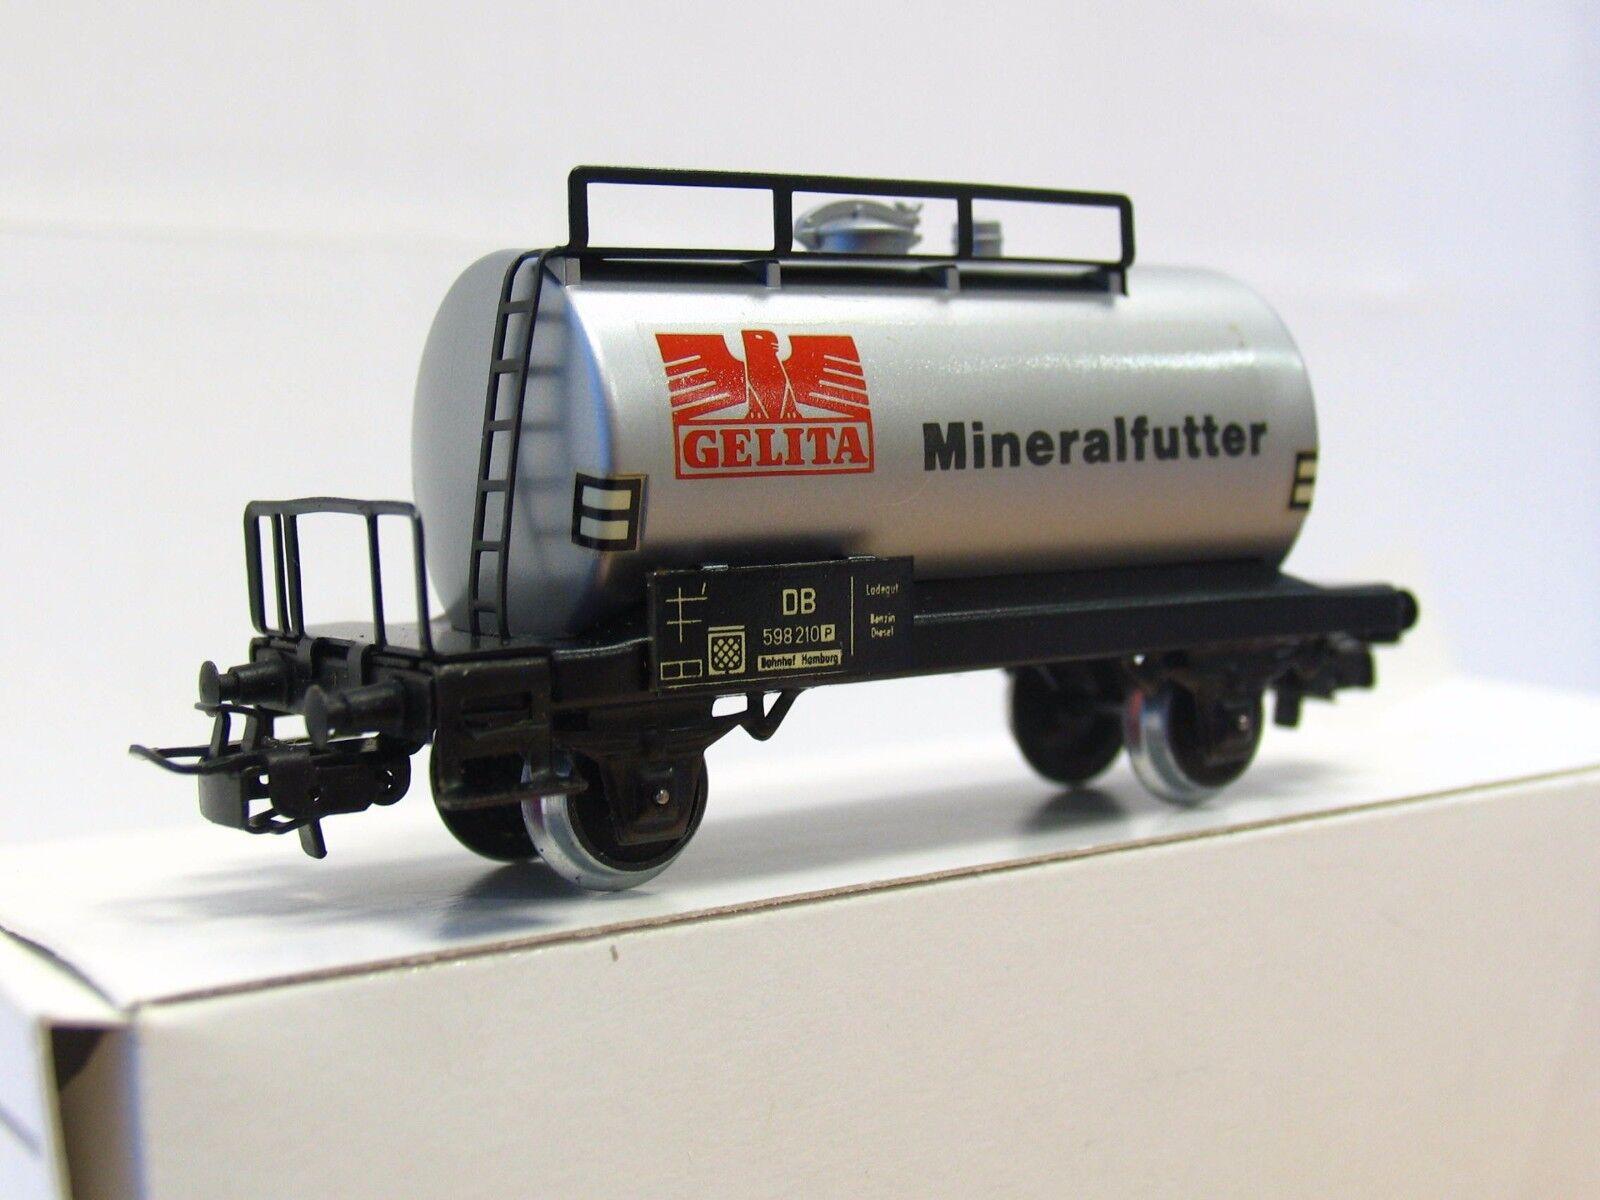 Märklin H0 4500 Kesselwagen Kesselwagen Kesselwagen Gelita Mineralfutter DB VP (TR8806) eb0798